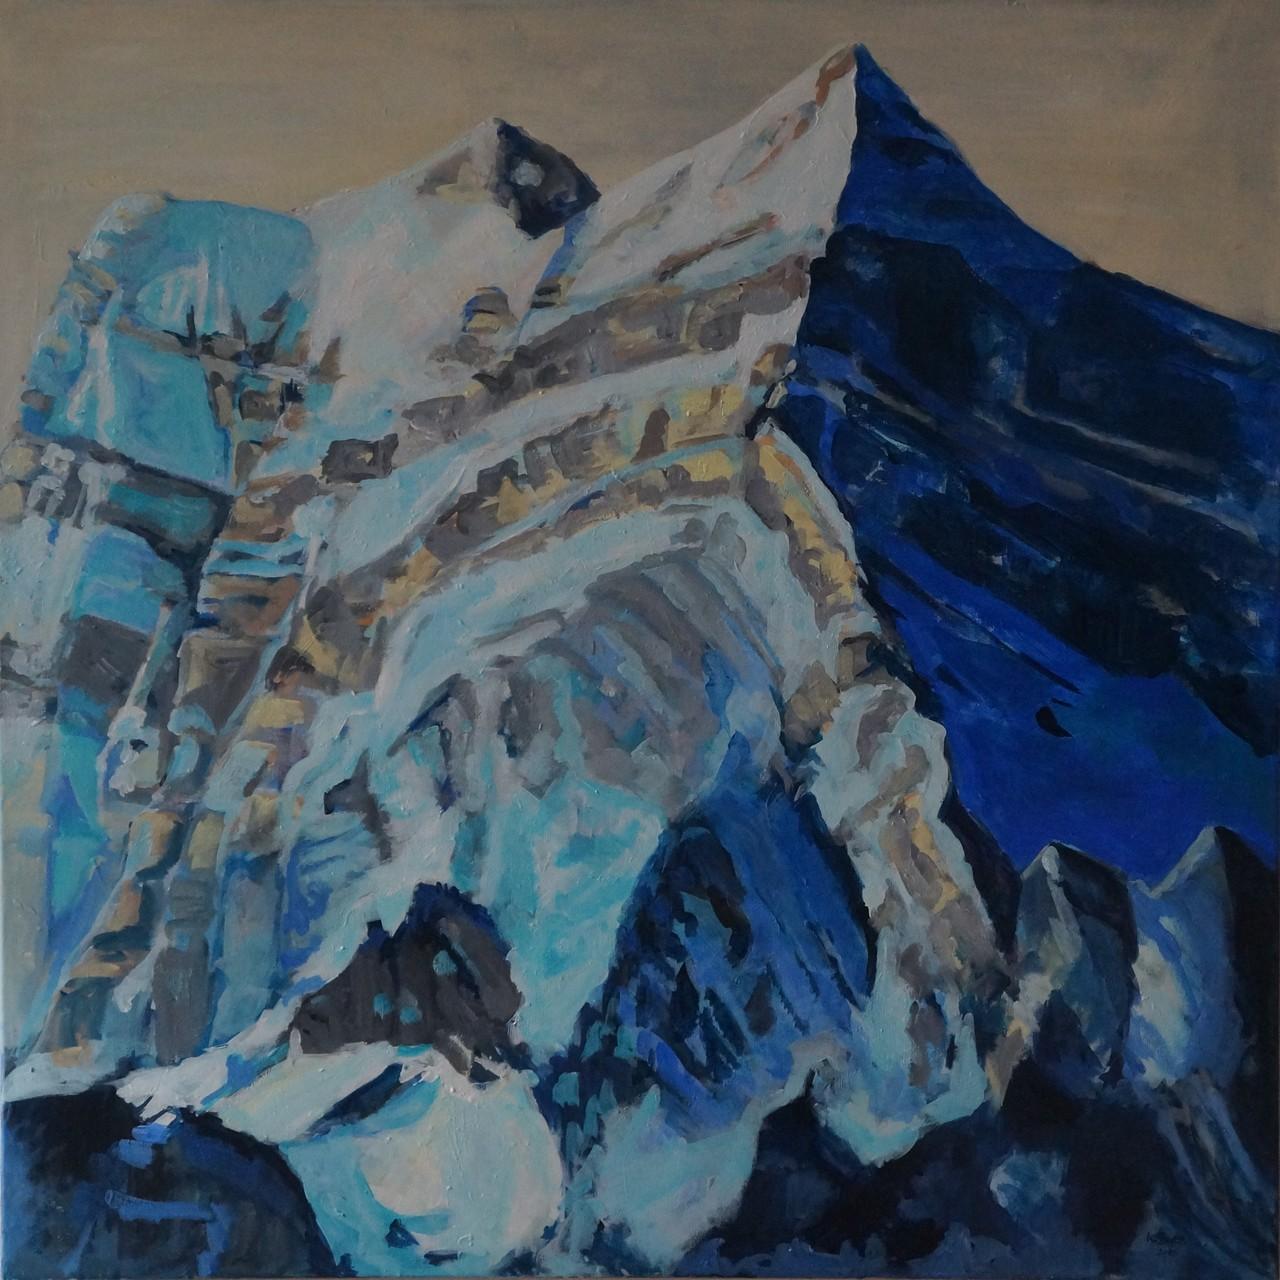 Wiggis und Rautispitz, 2010, Acryl auf Leinwand, 100x100